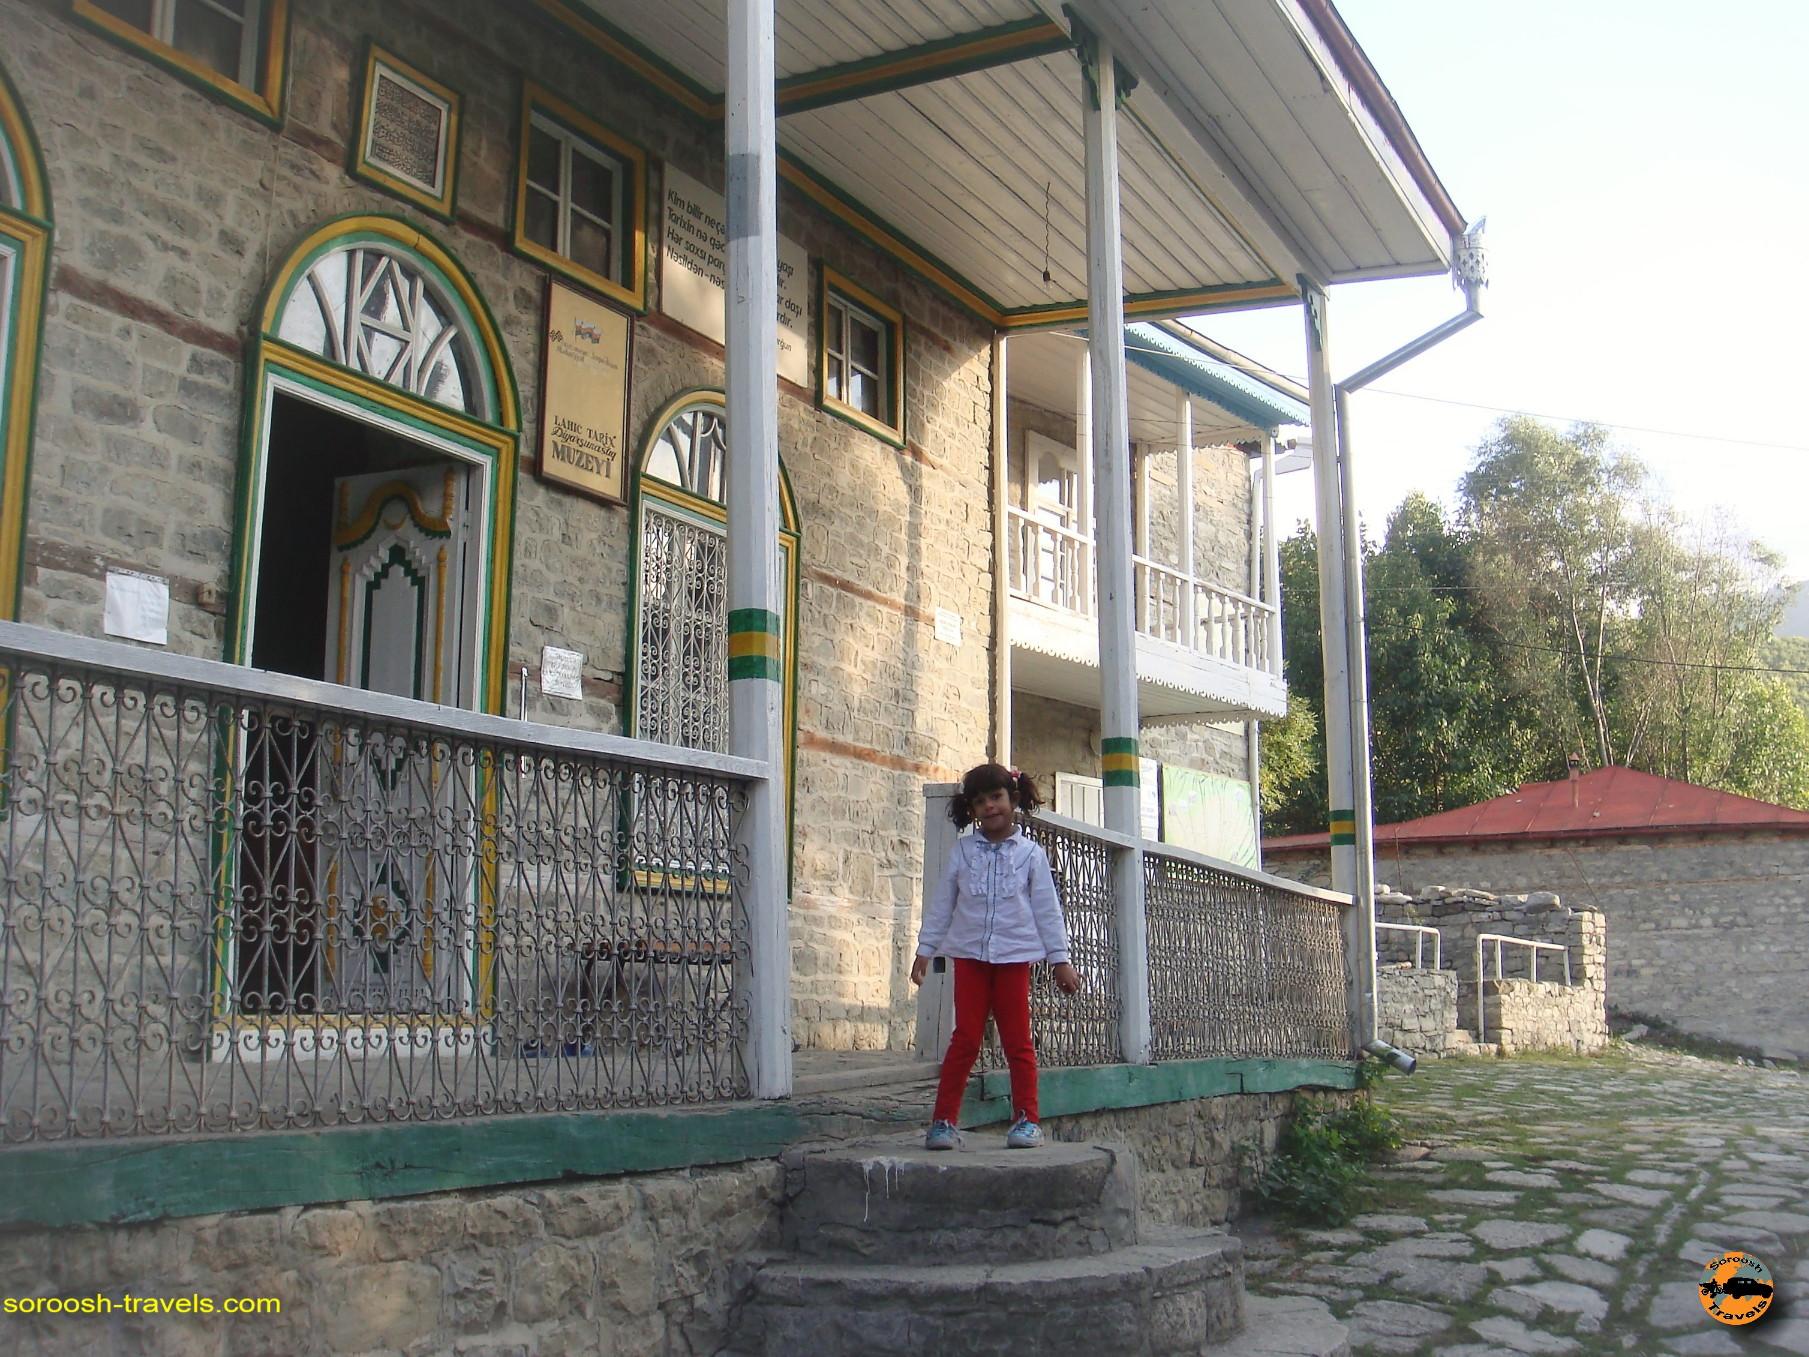 موزه روستای تاریخی لاهیج در کشور آذربایجان - تابستان ۱۳۹۱